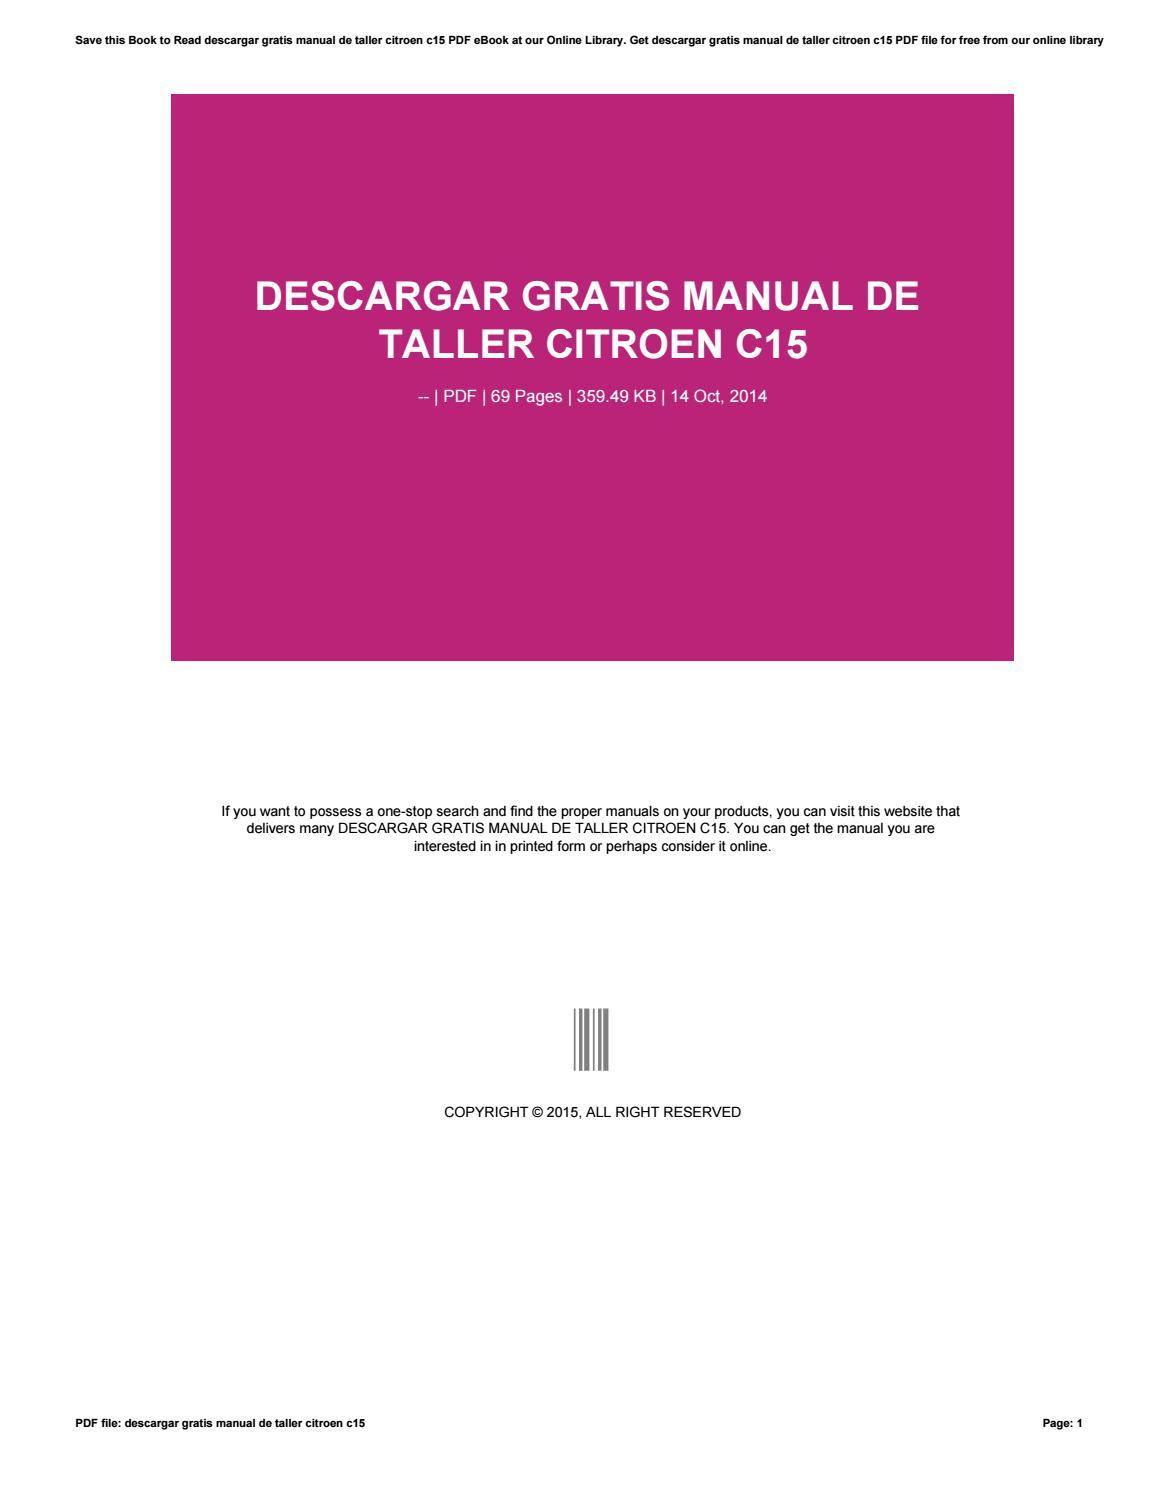 Descargar Gratis Manual De Taller Citroen C15 By O0114